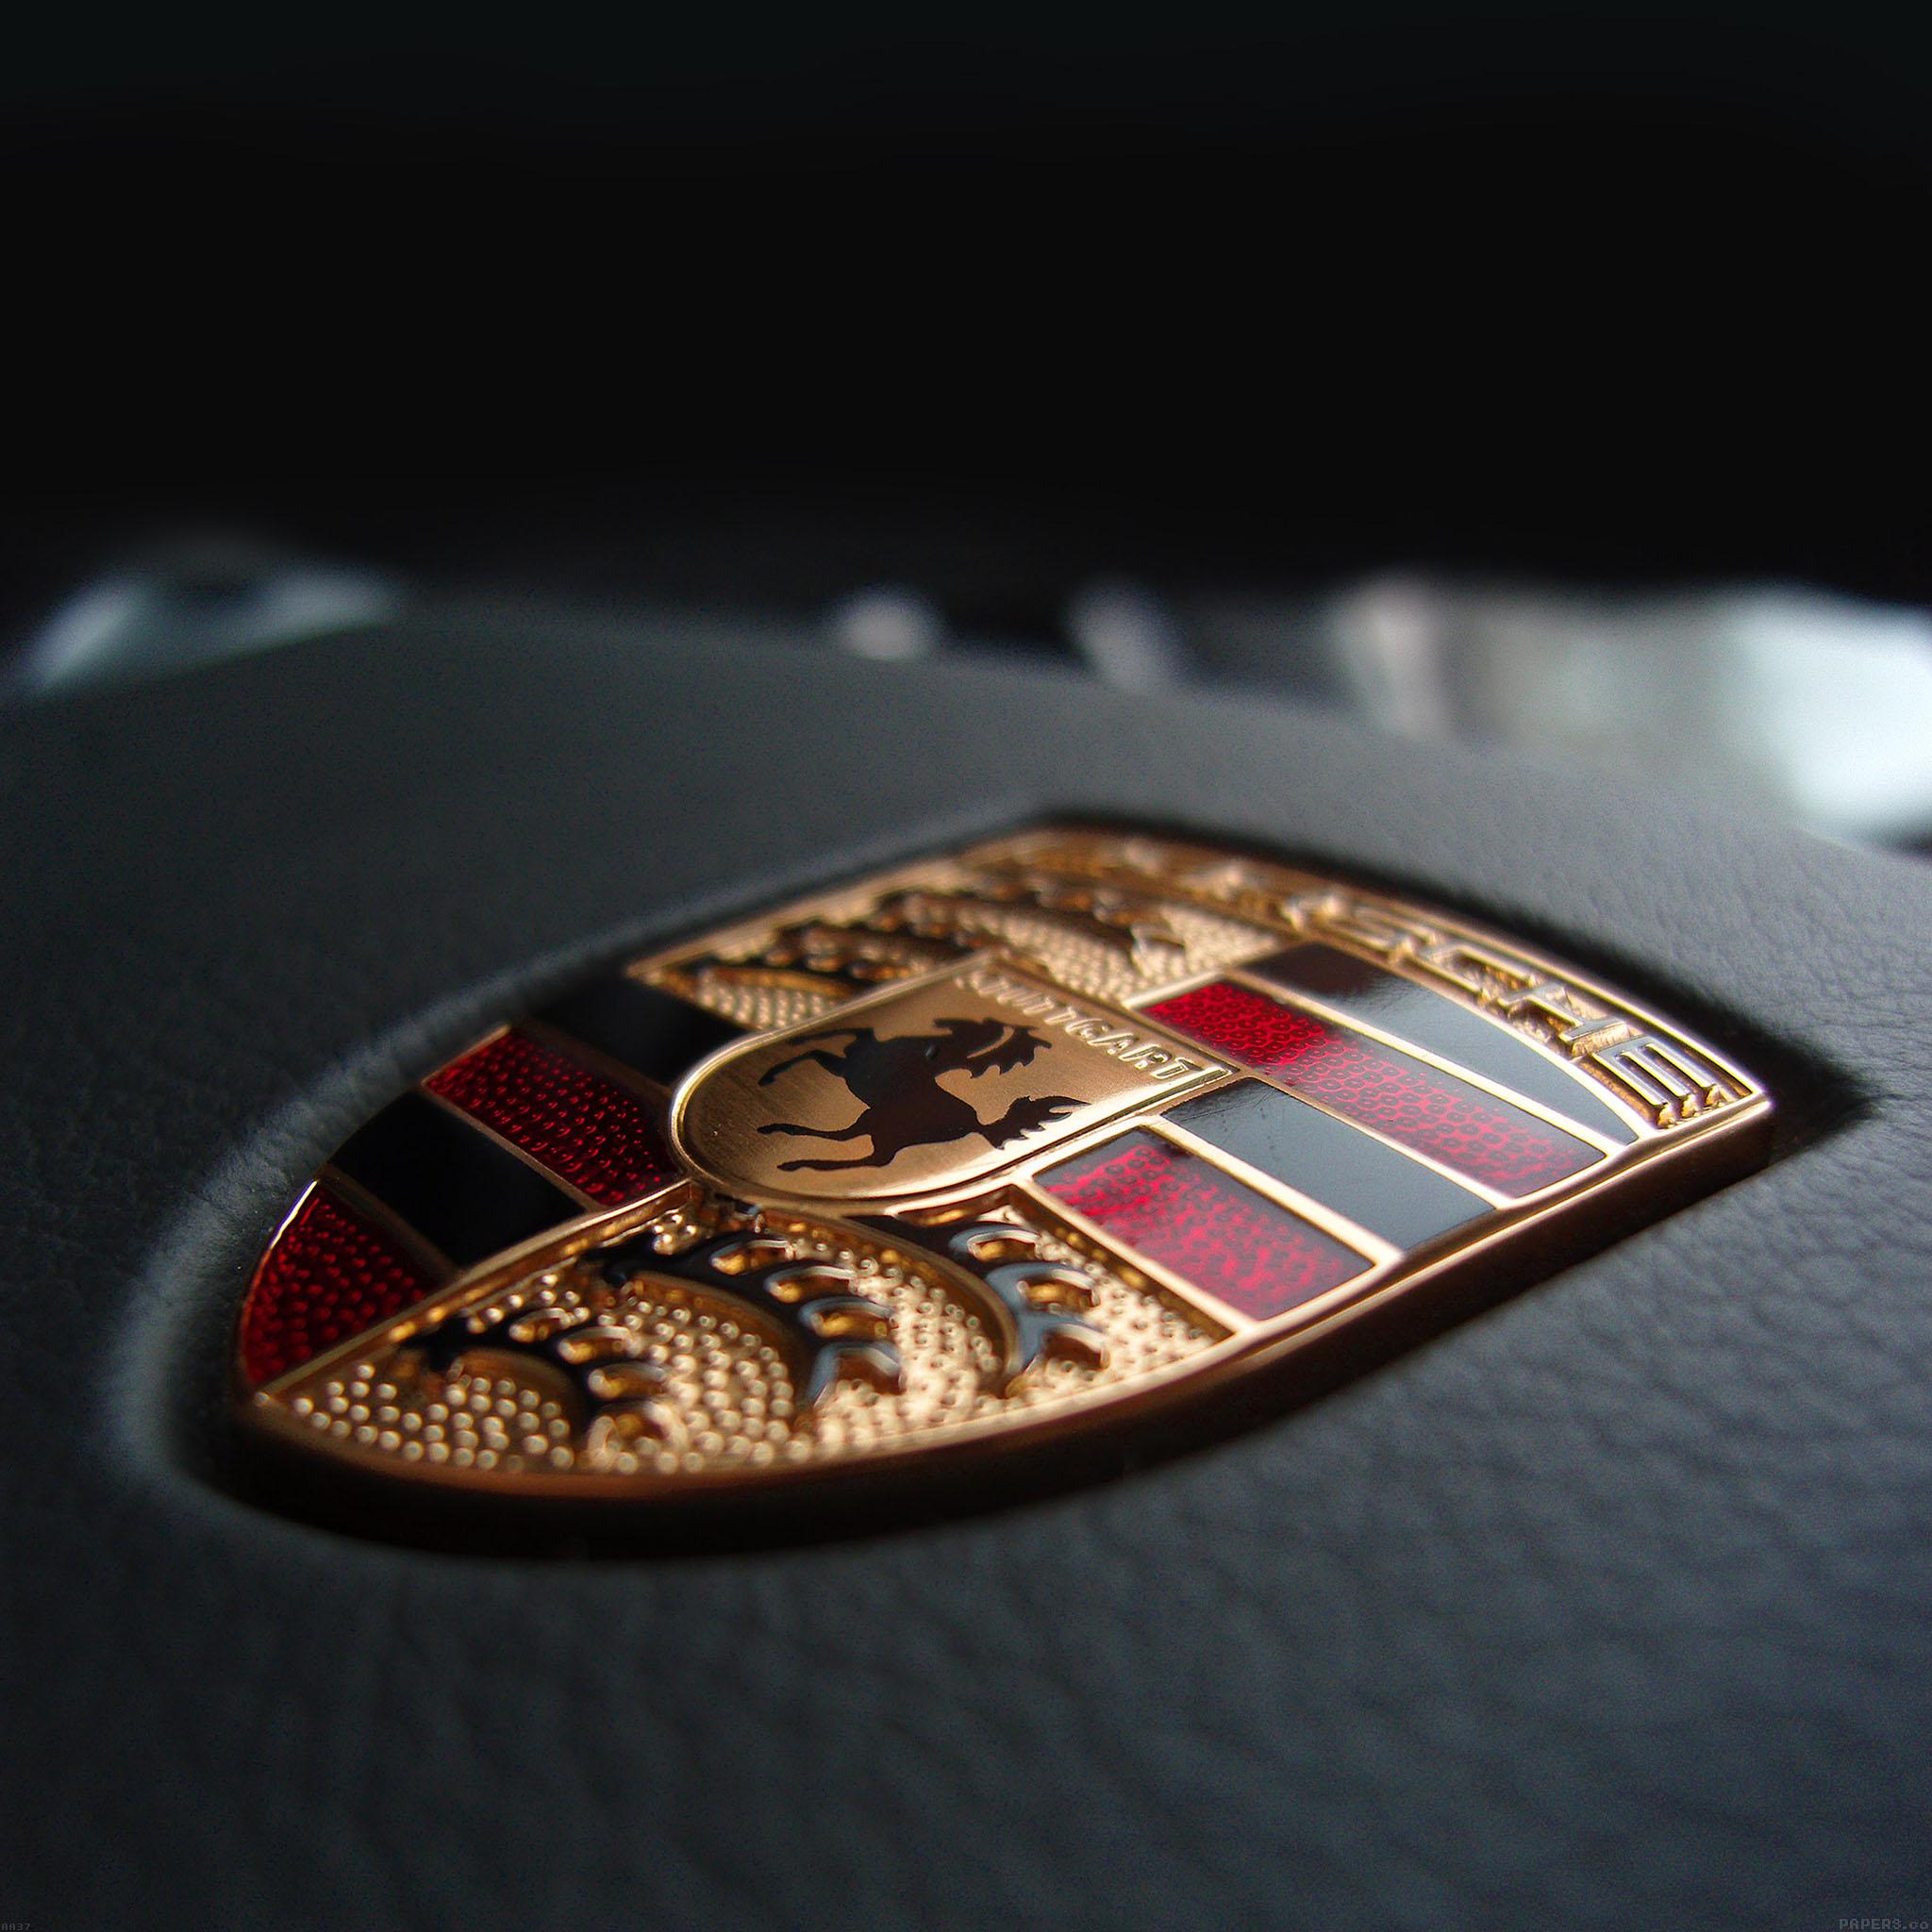 Porsche Car Wallpaper: Aa37-porsche-mark-car-art